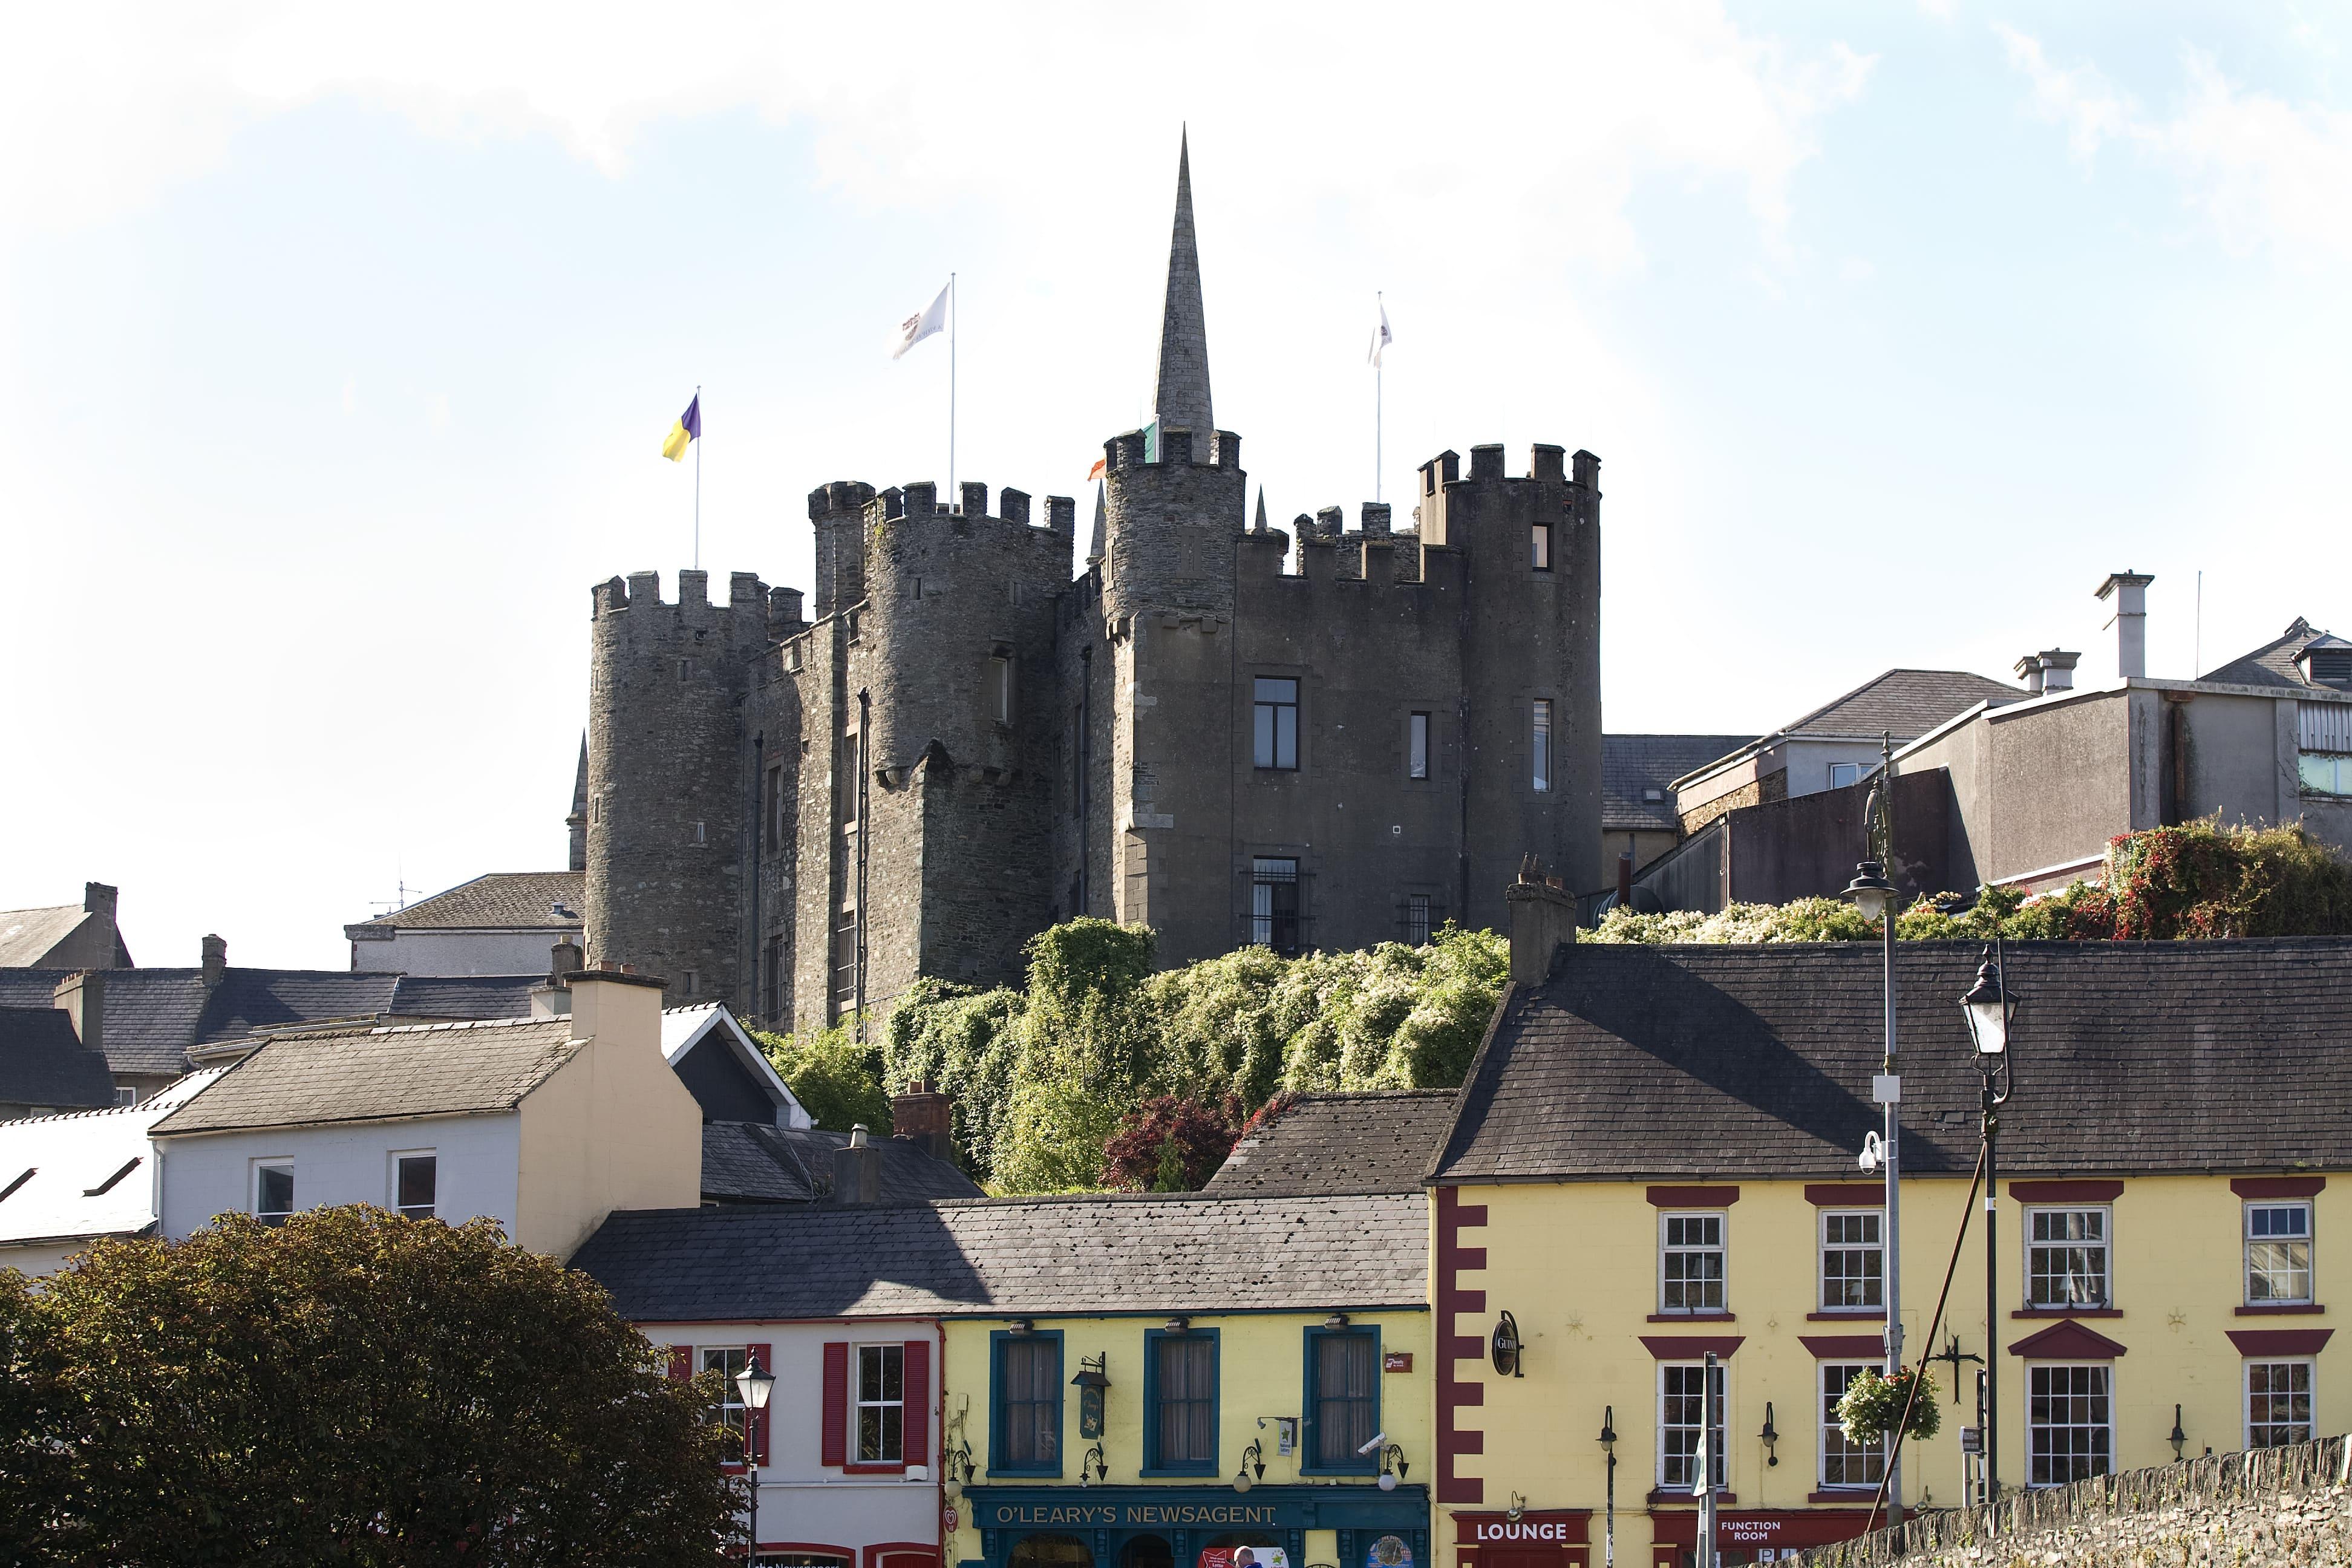 Enniscorthy Castle, County Wexford, Ireland